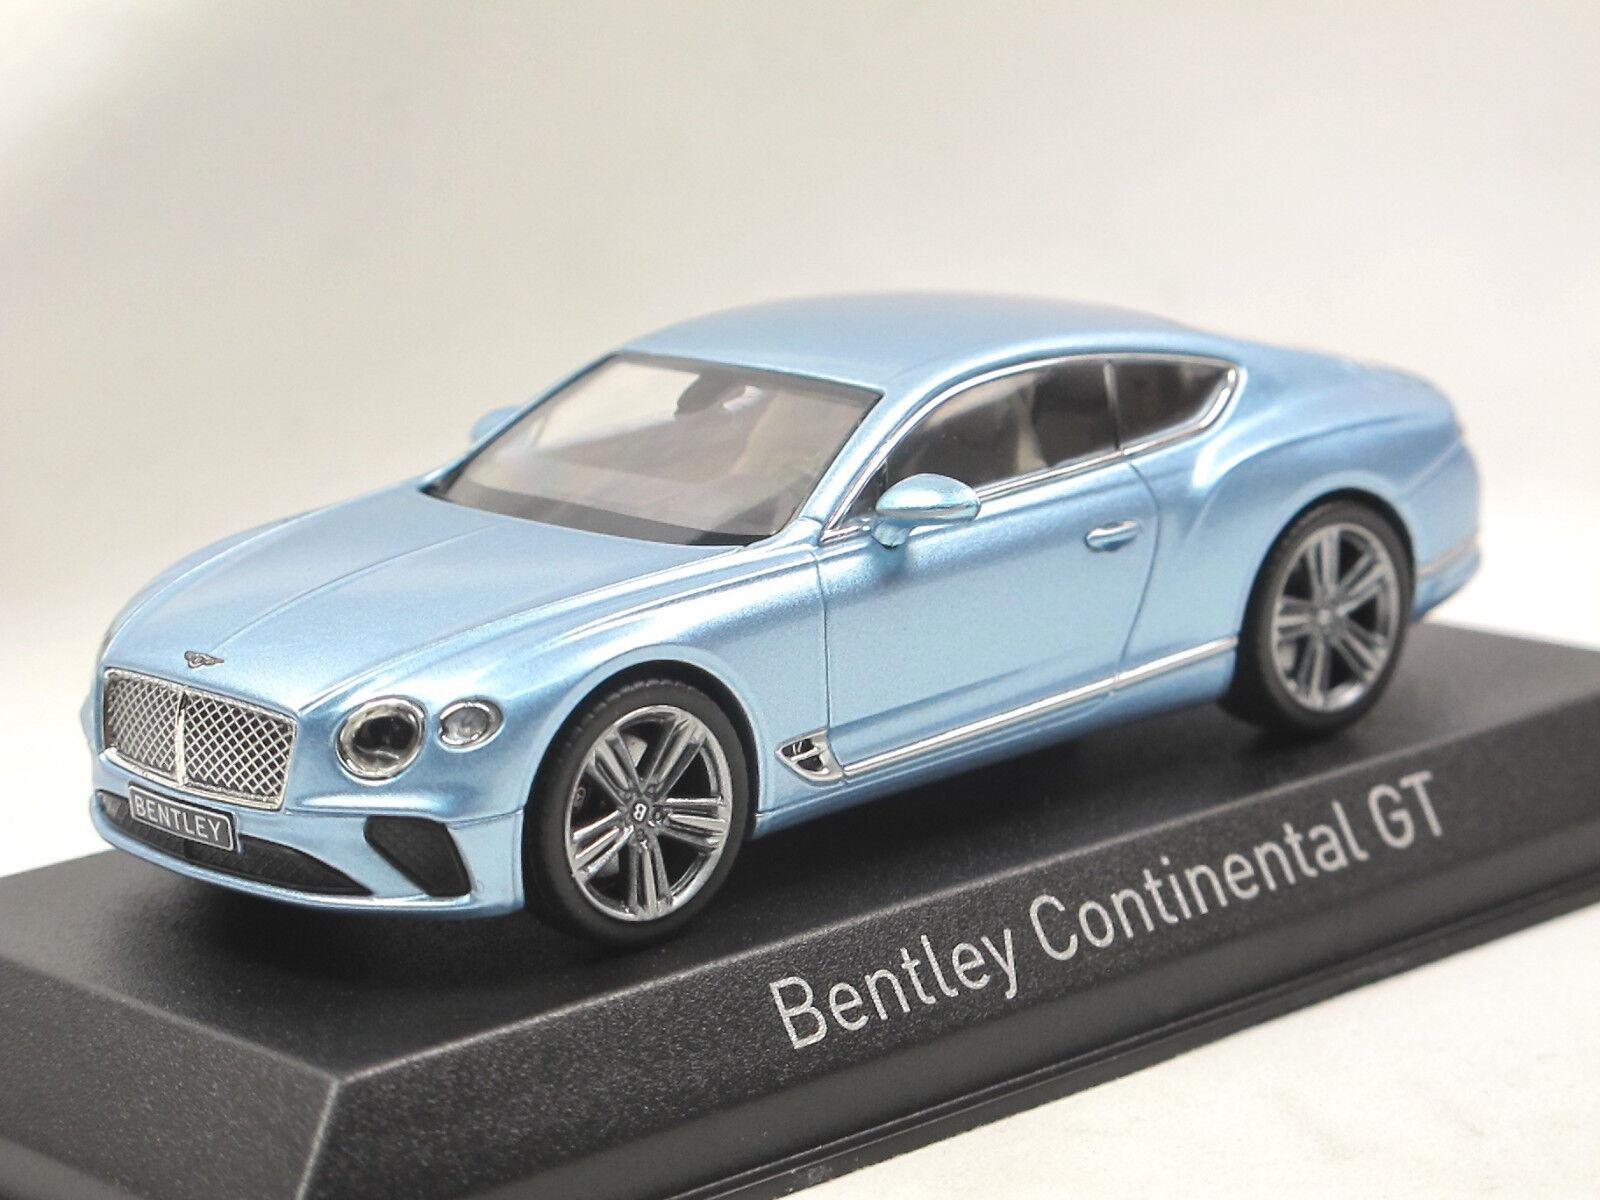 Norev 270321 - 2018 Bentley Continental GT - blau metallic - Modellauto 1 43  | Züchtungen Eingeführt Werden Eine Nach Der Anderen